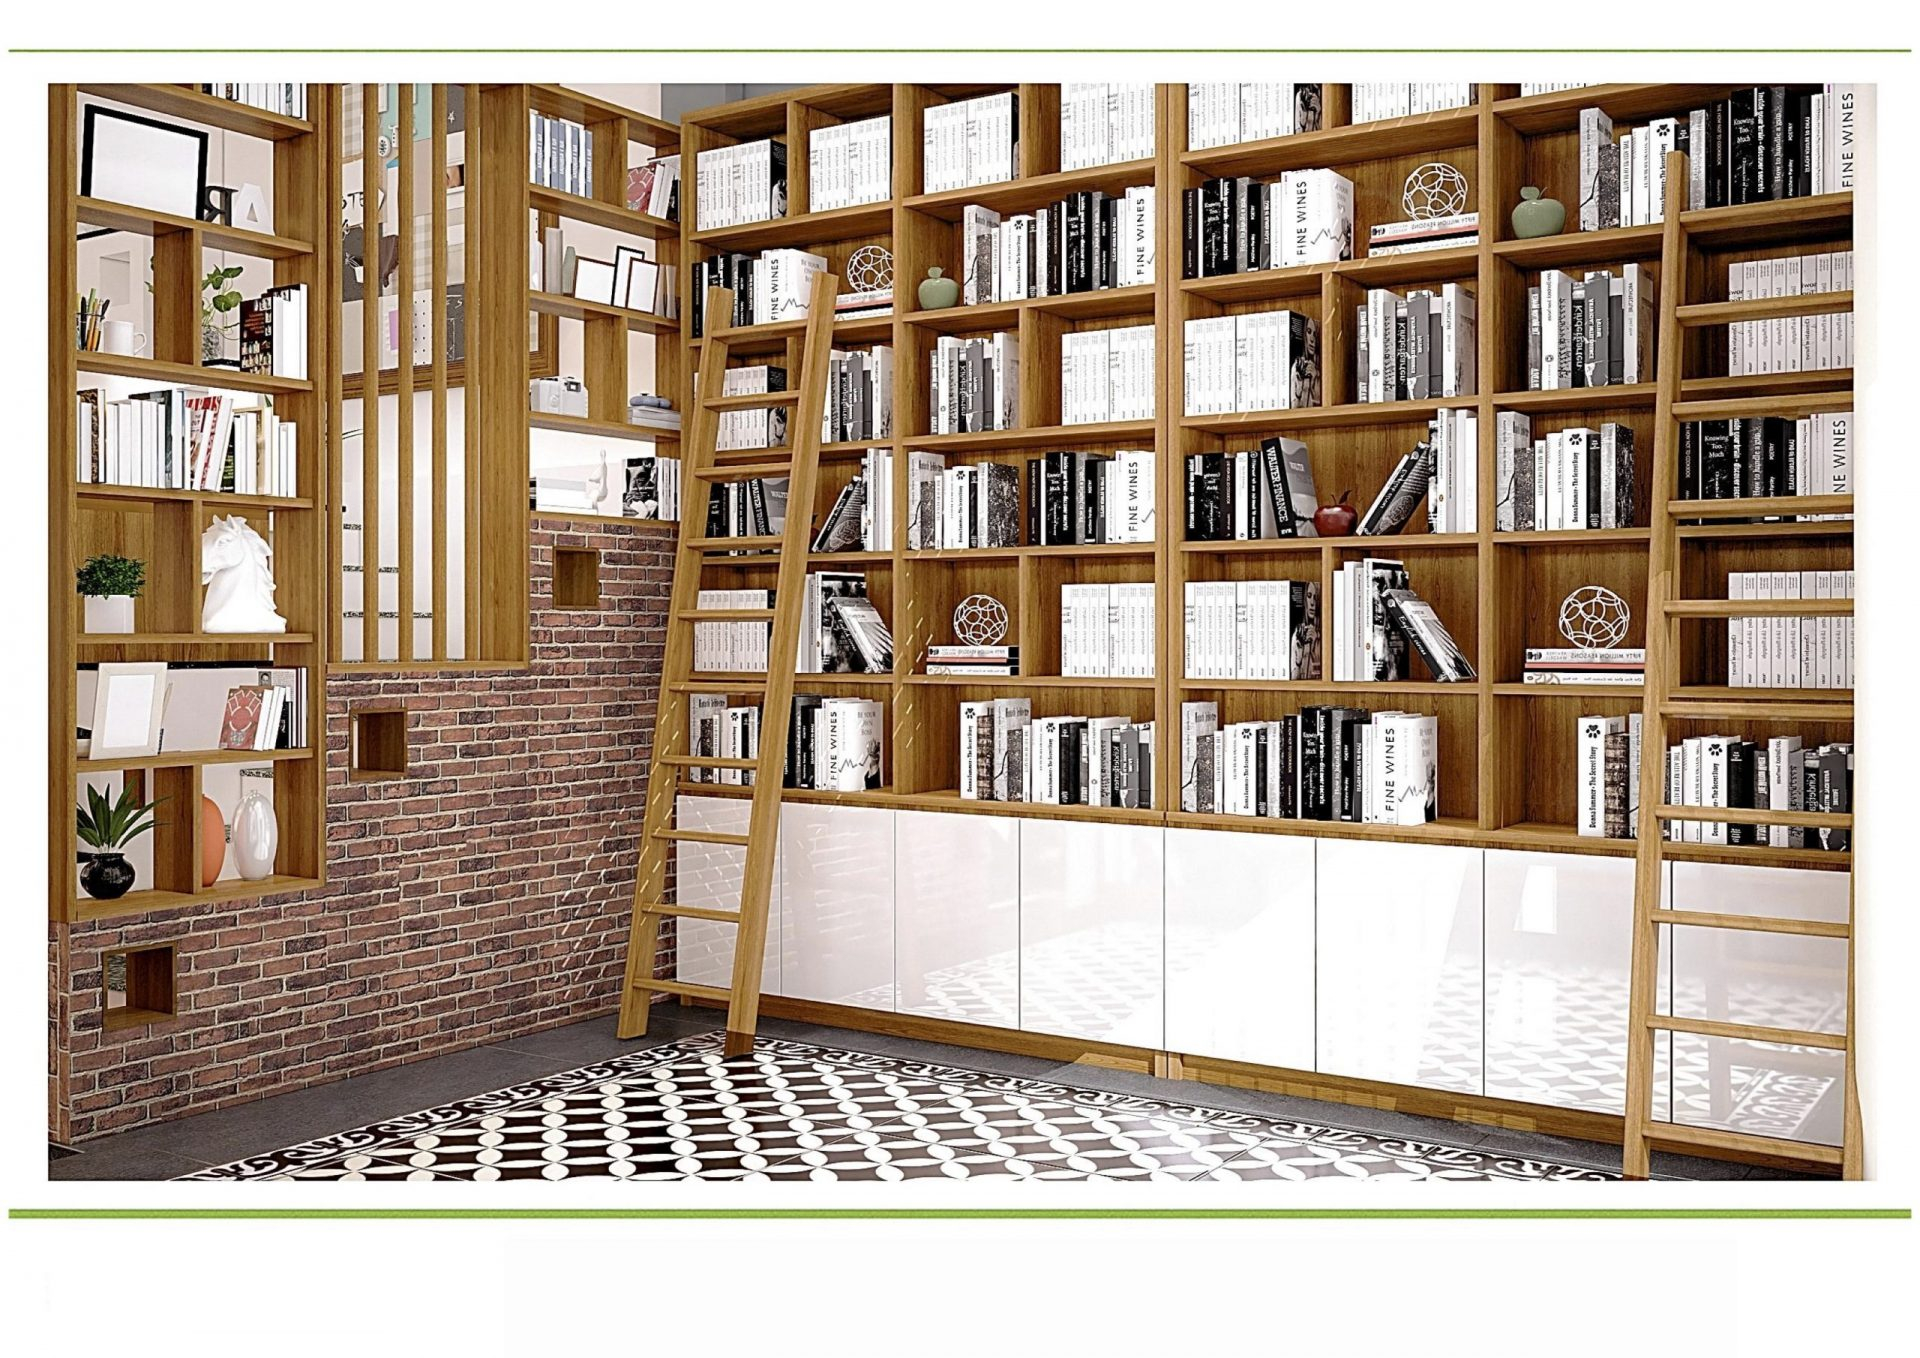 Toàn cảnh tủ sách trong co-wỏking space HYH36